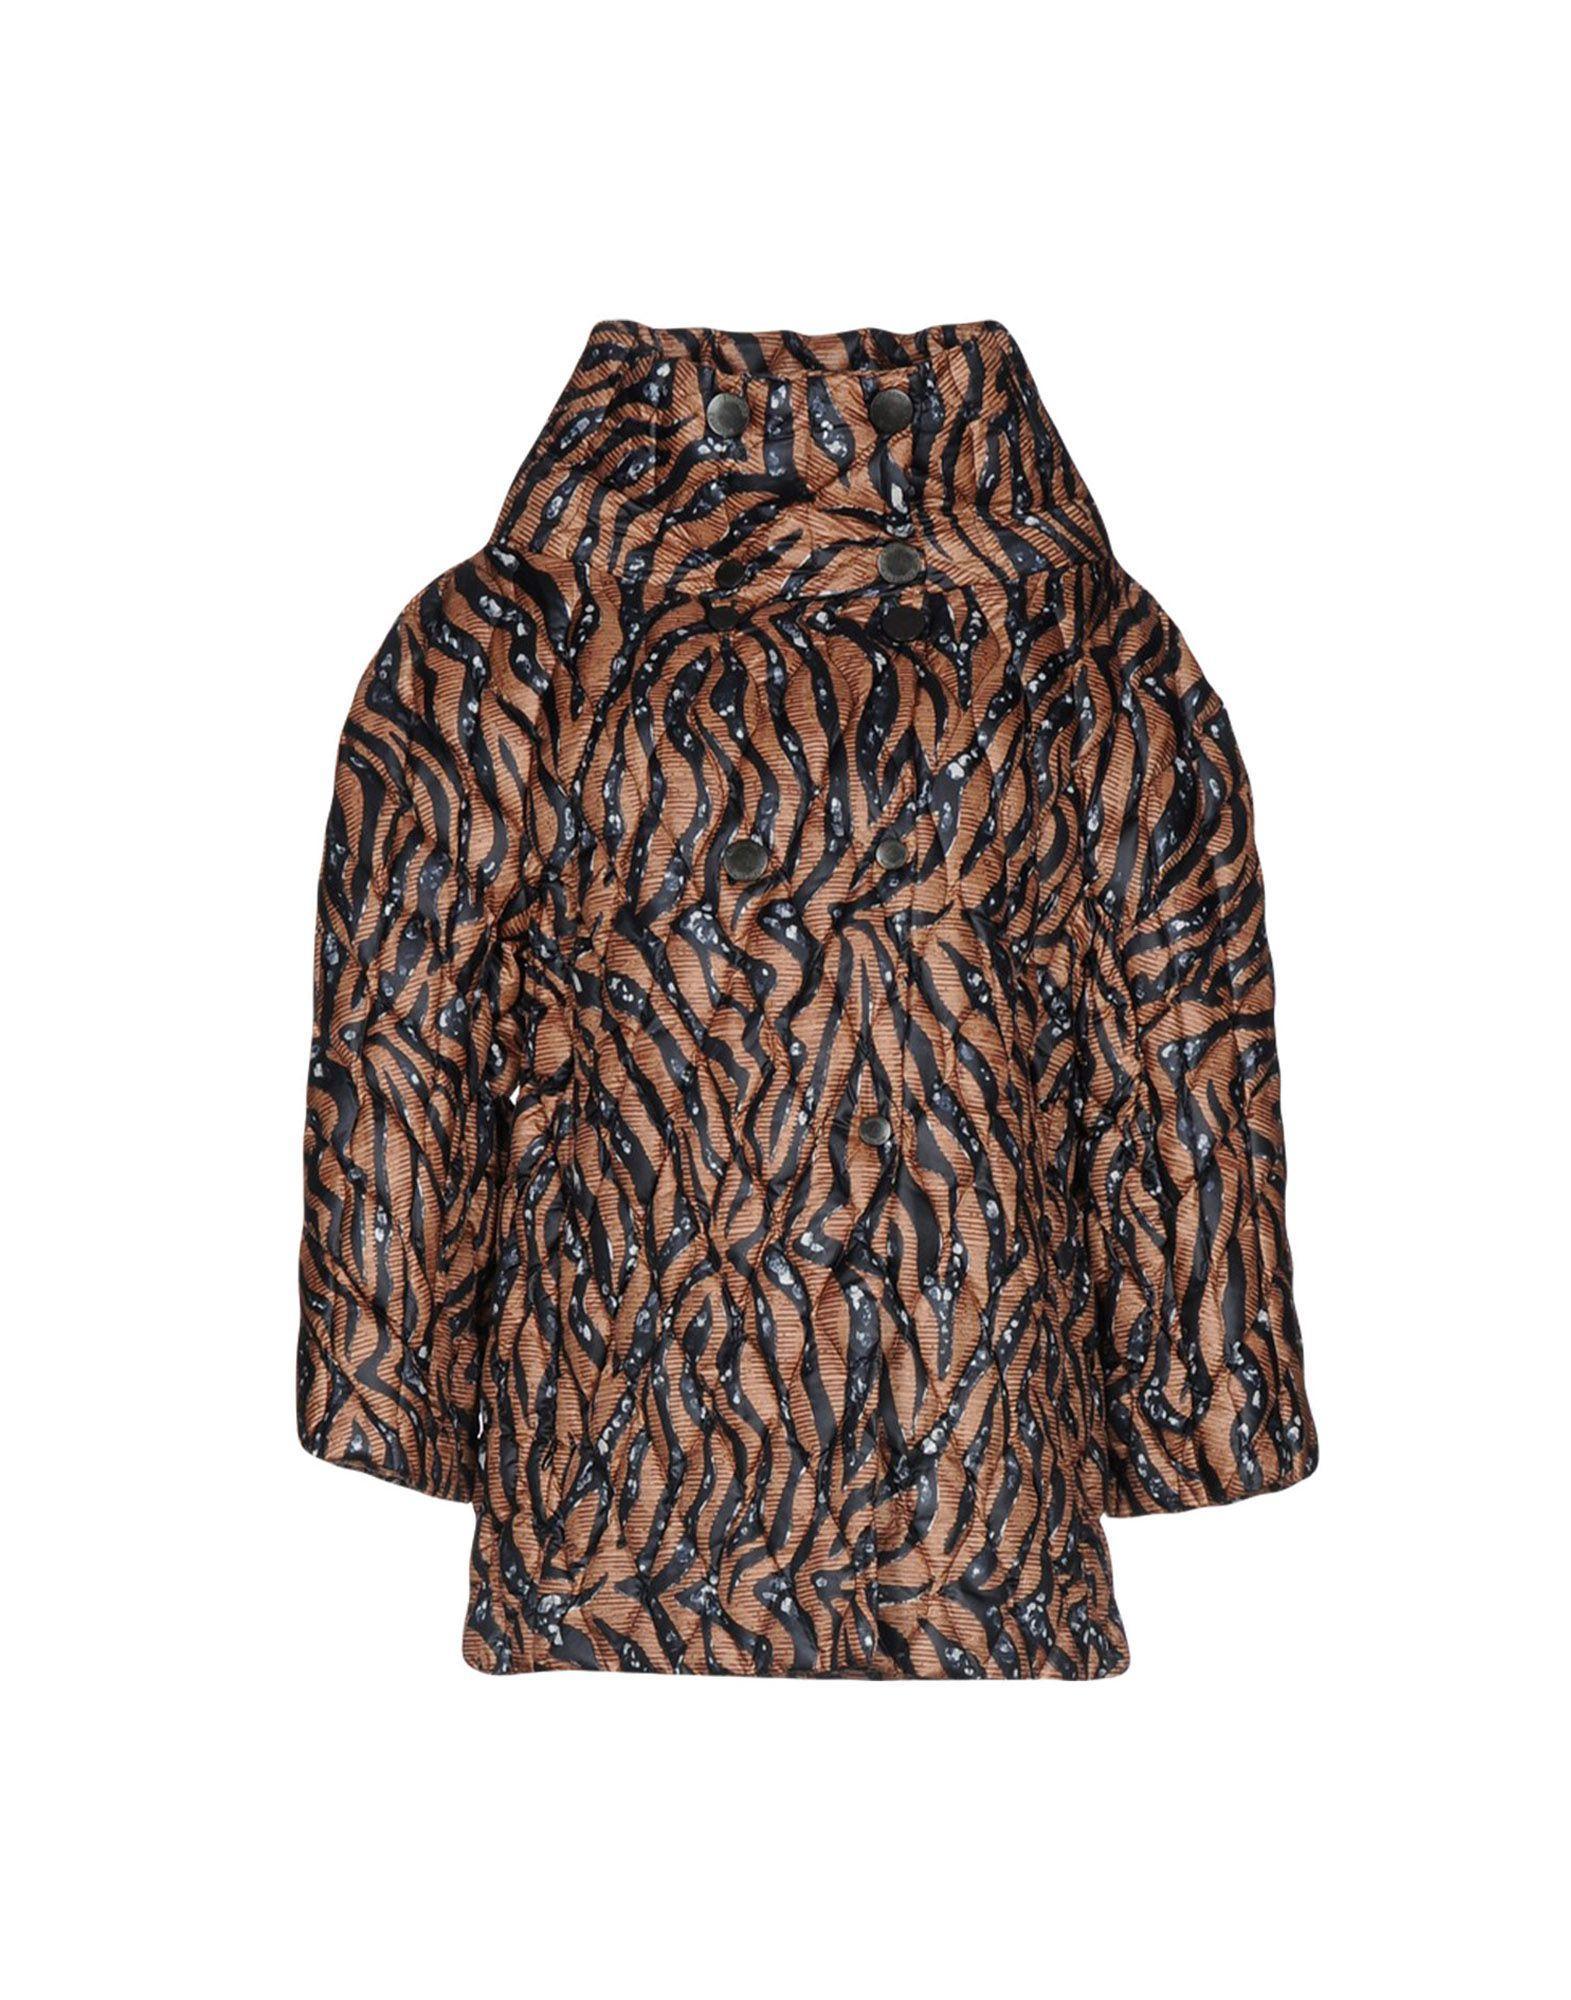 Bosideng Down Jacket In Brown